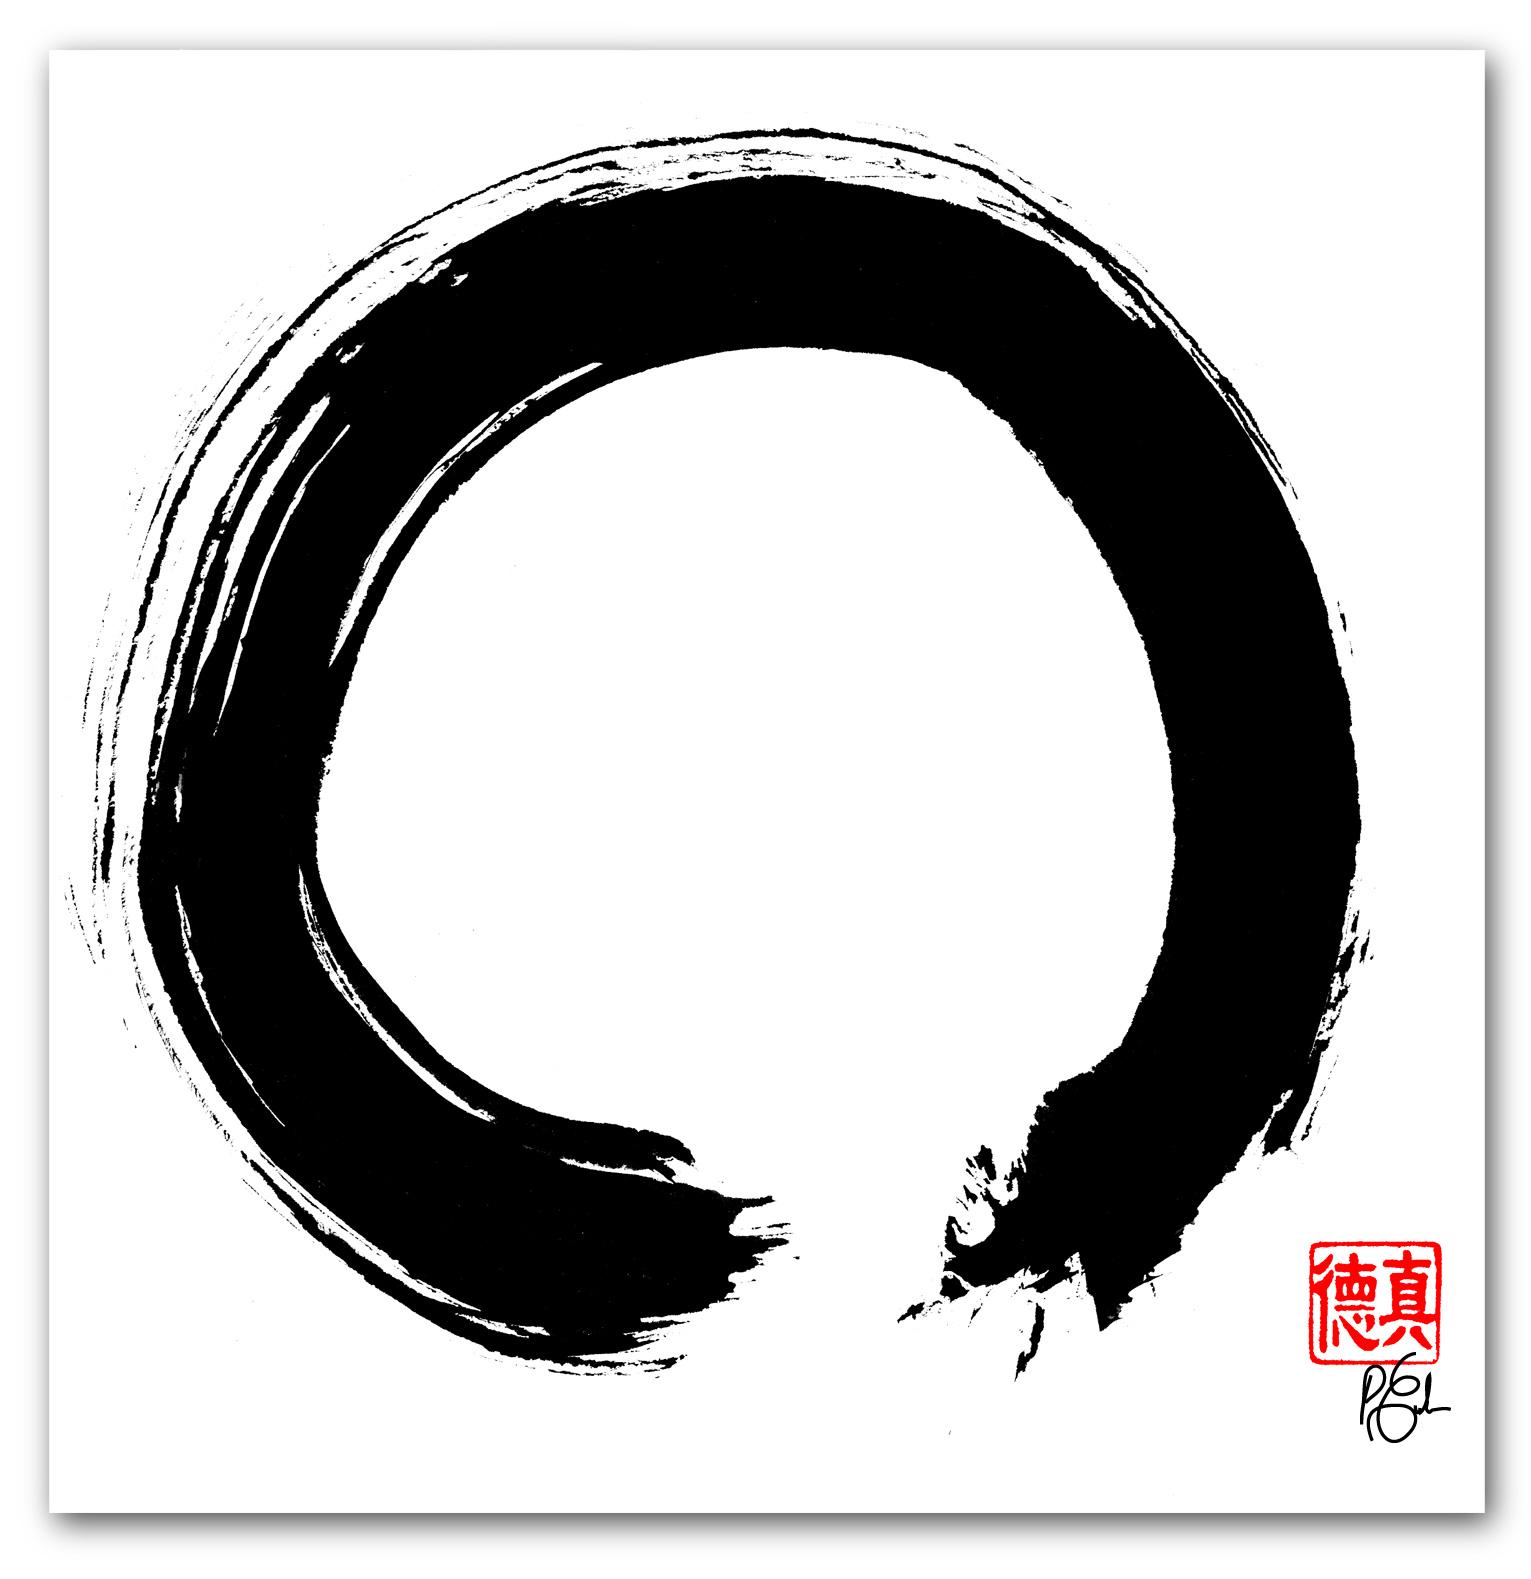 bfe18518a498a Zen Circle Gallery